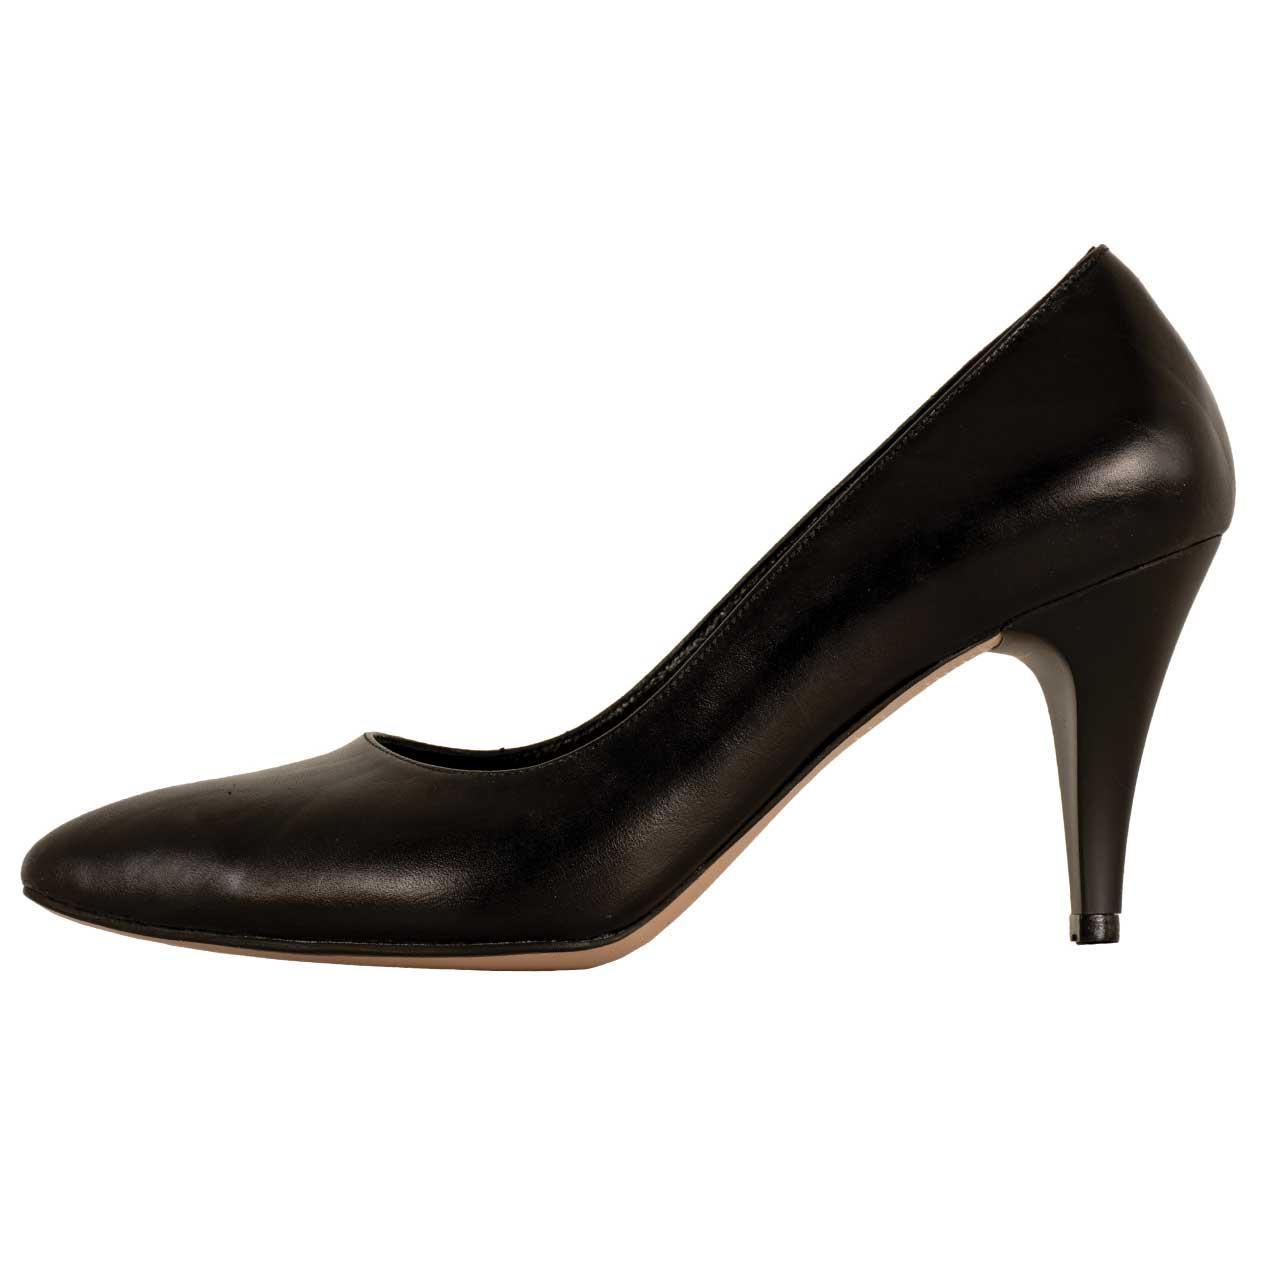 کفش زنانه پارینه چرم مدل show44 -  - 2